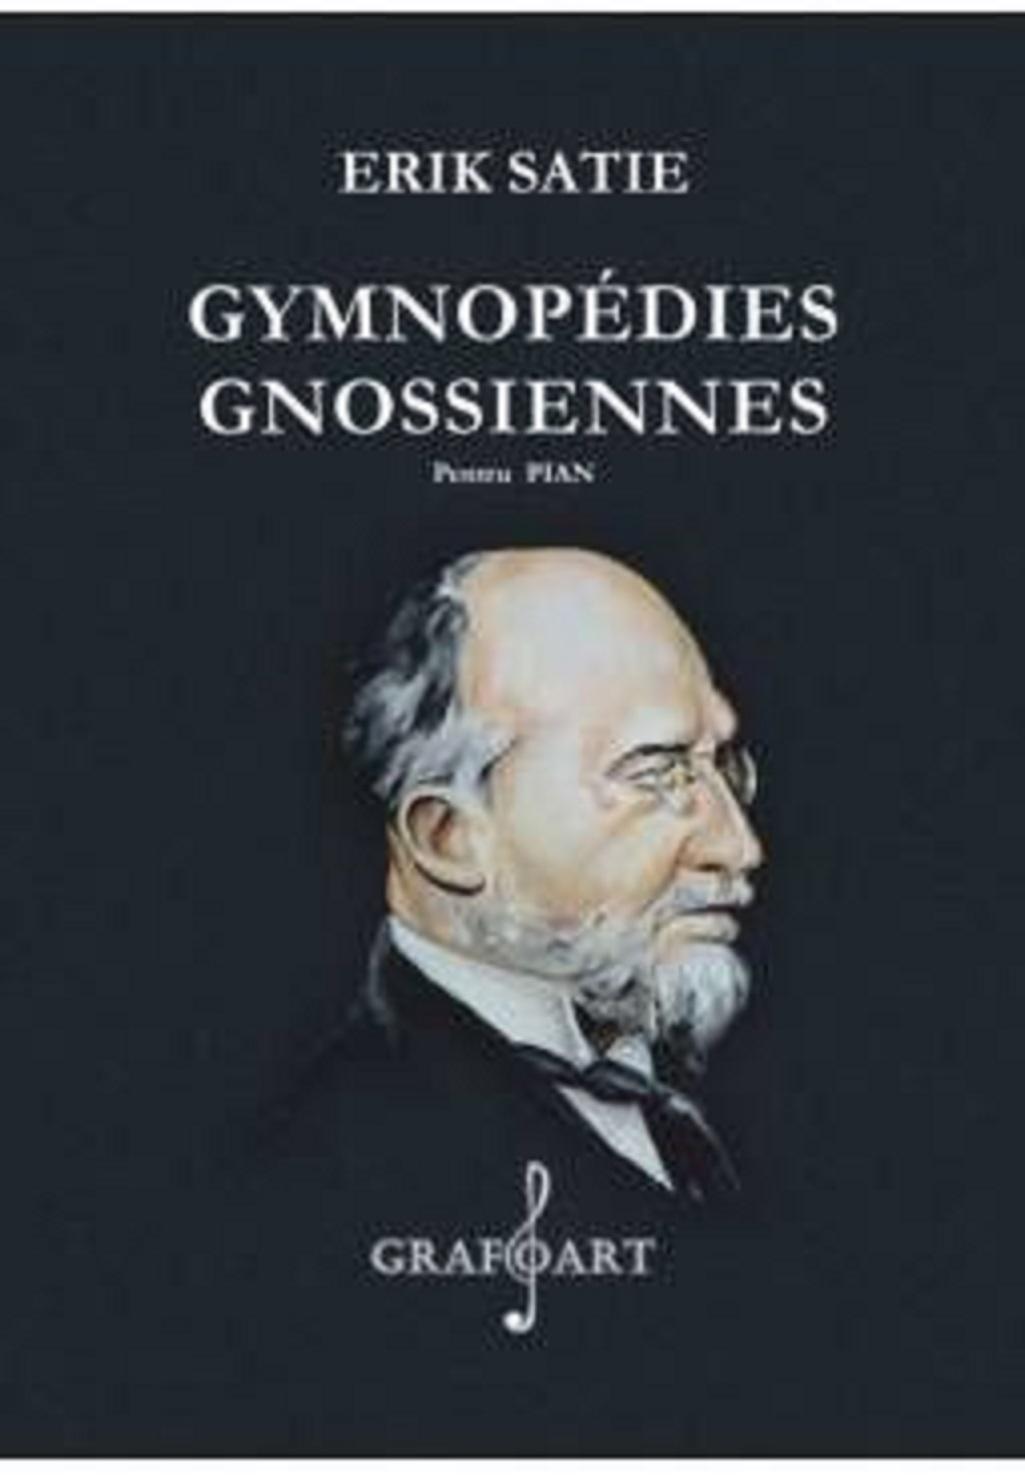 ERIK SATIE - GYMNOPEDIES / GNOSSIENNES